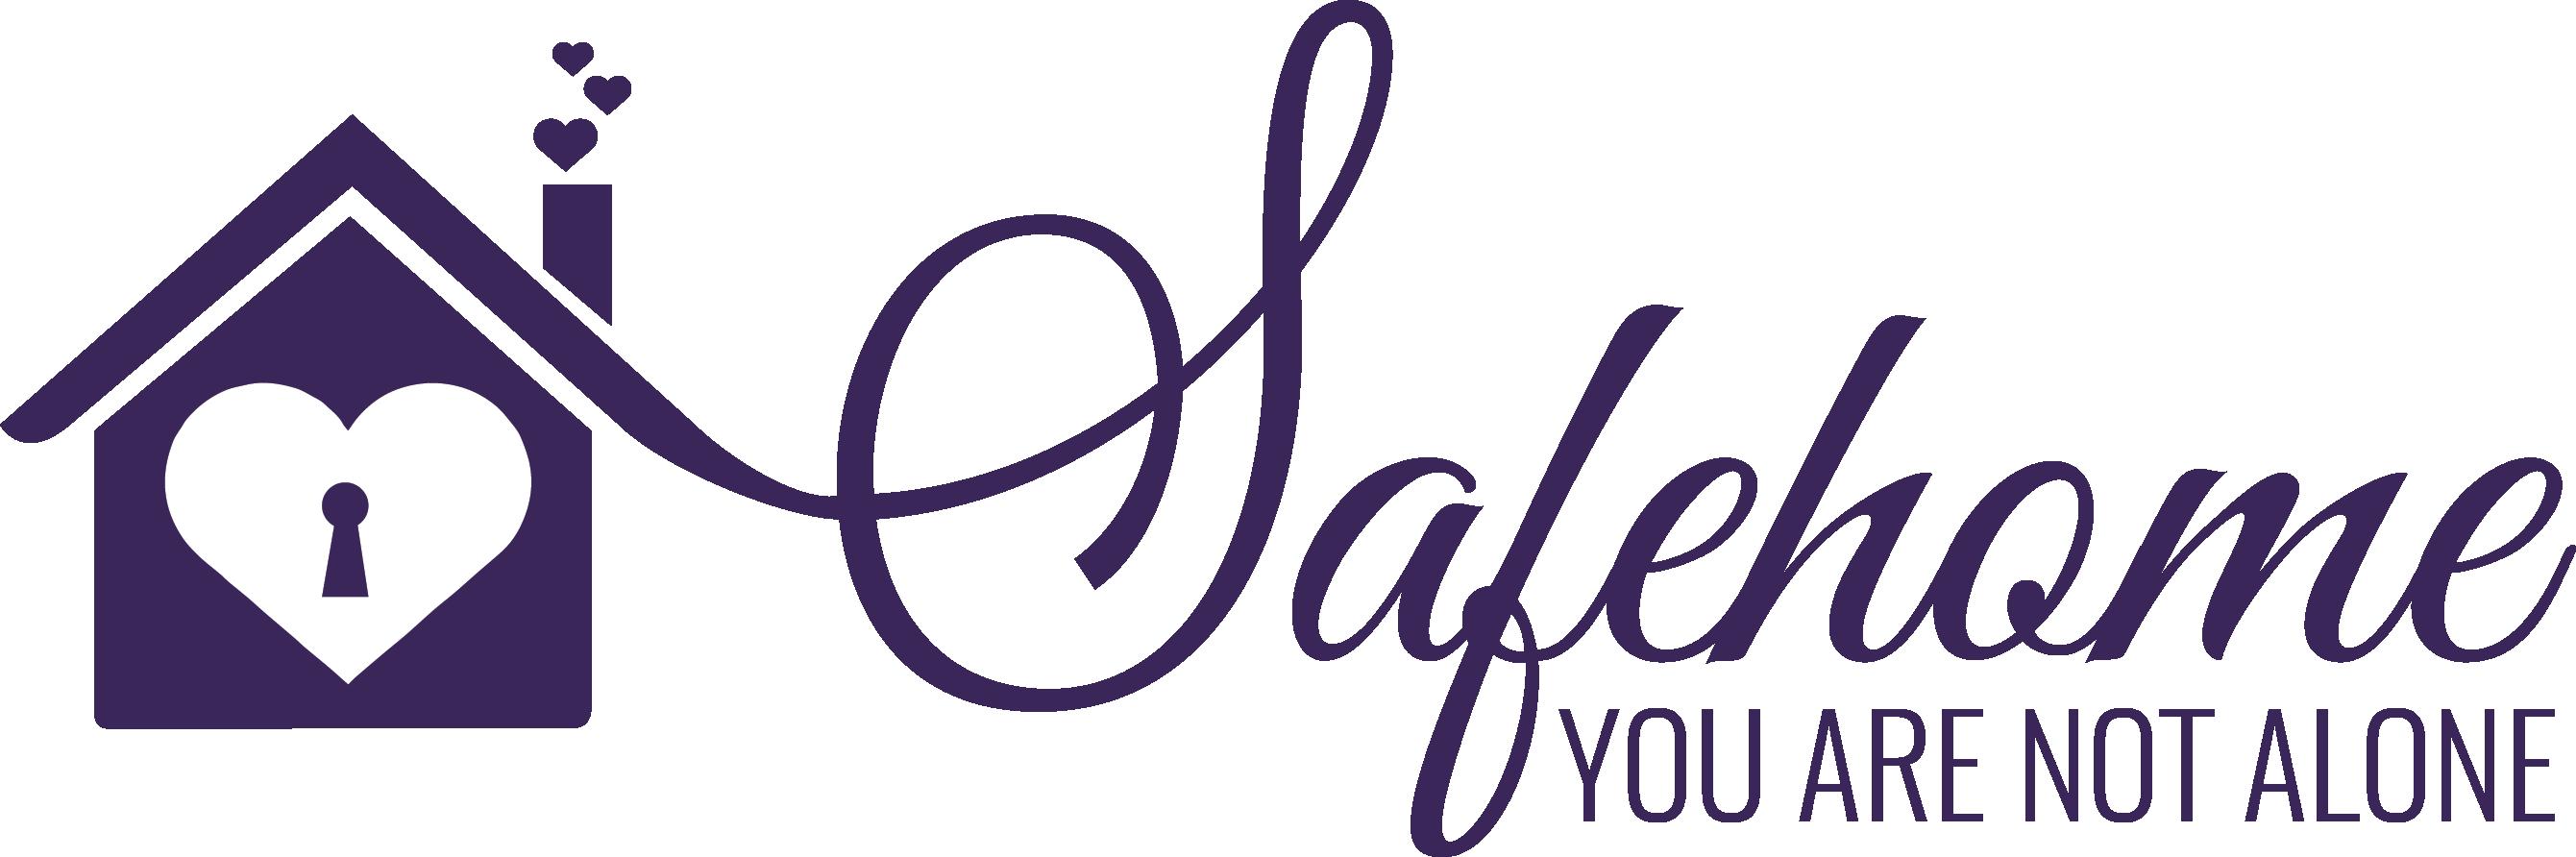 Safehomes_Logo-03